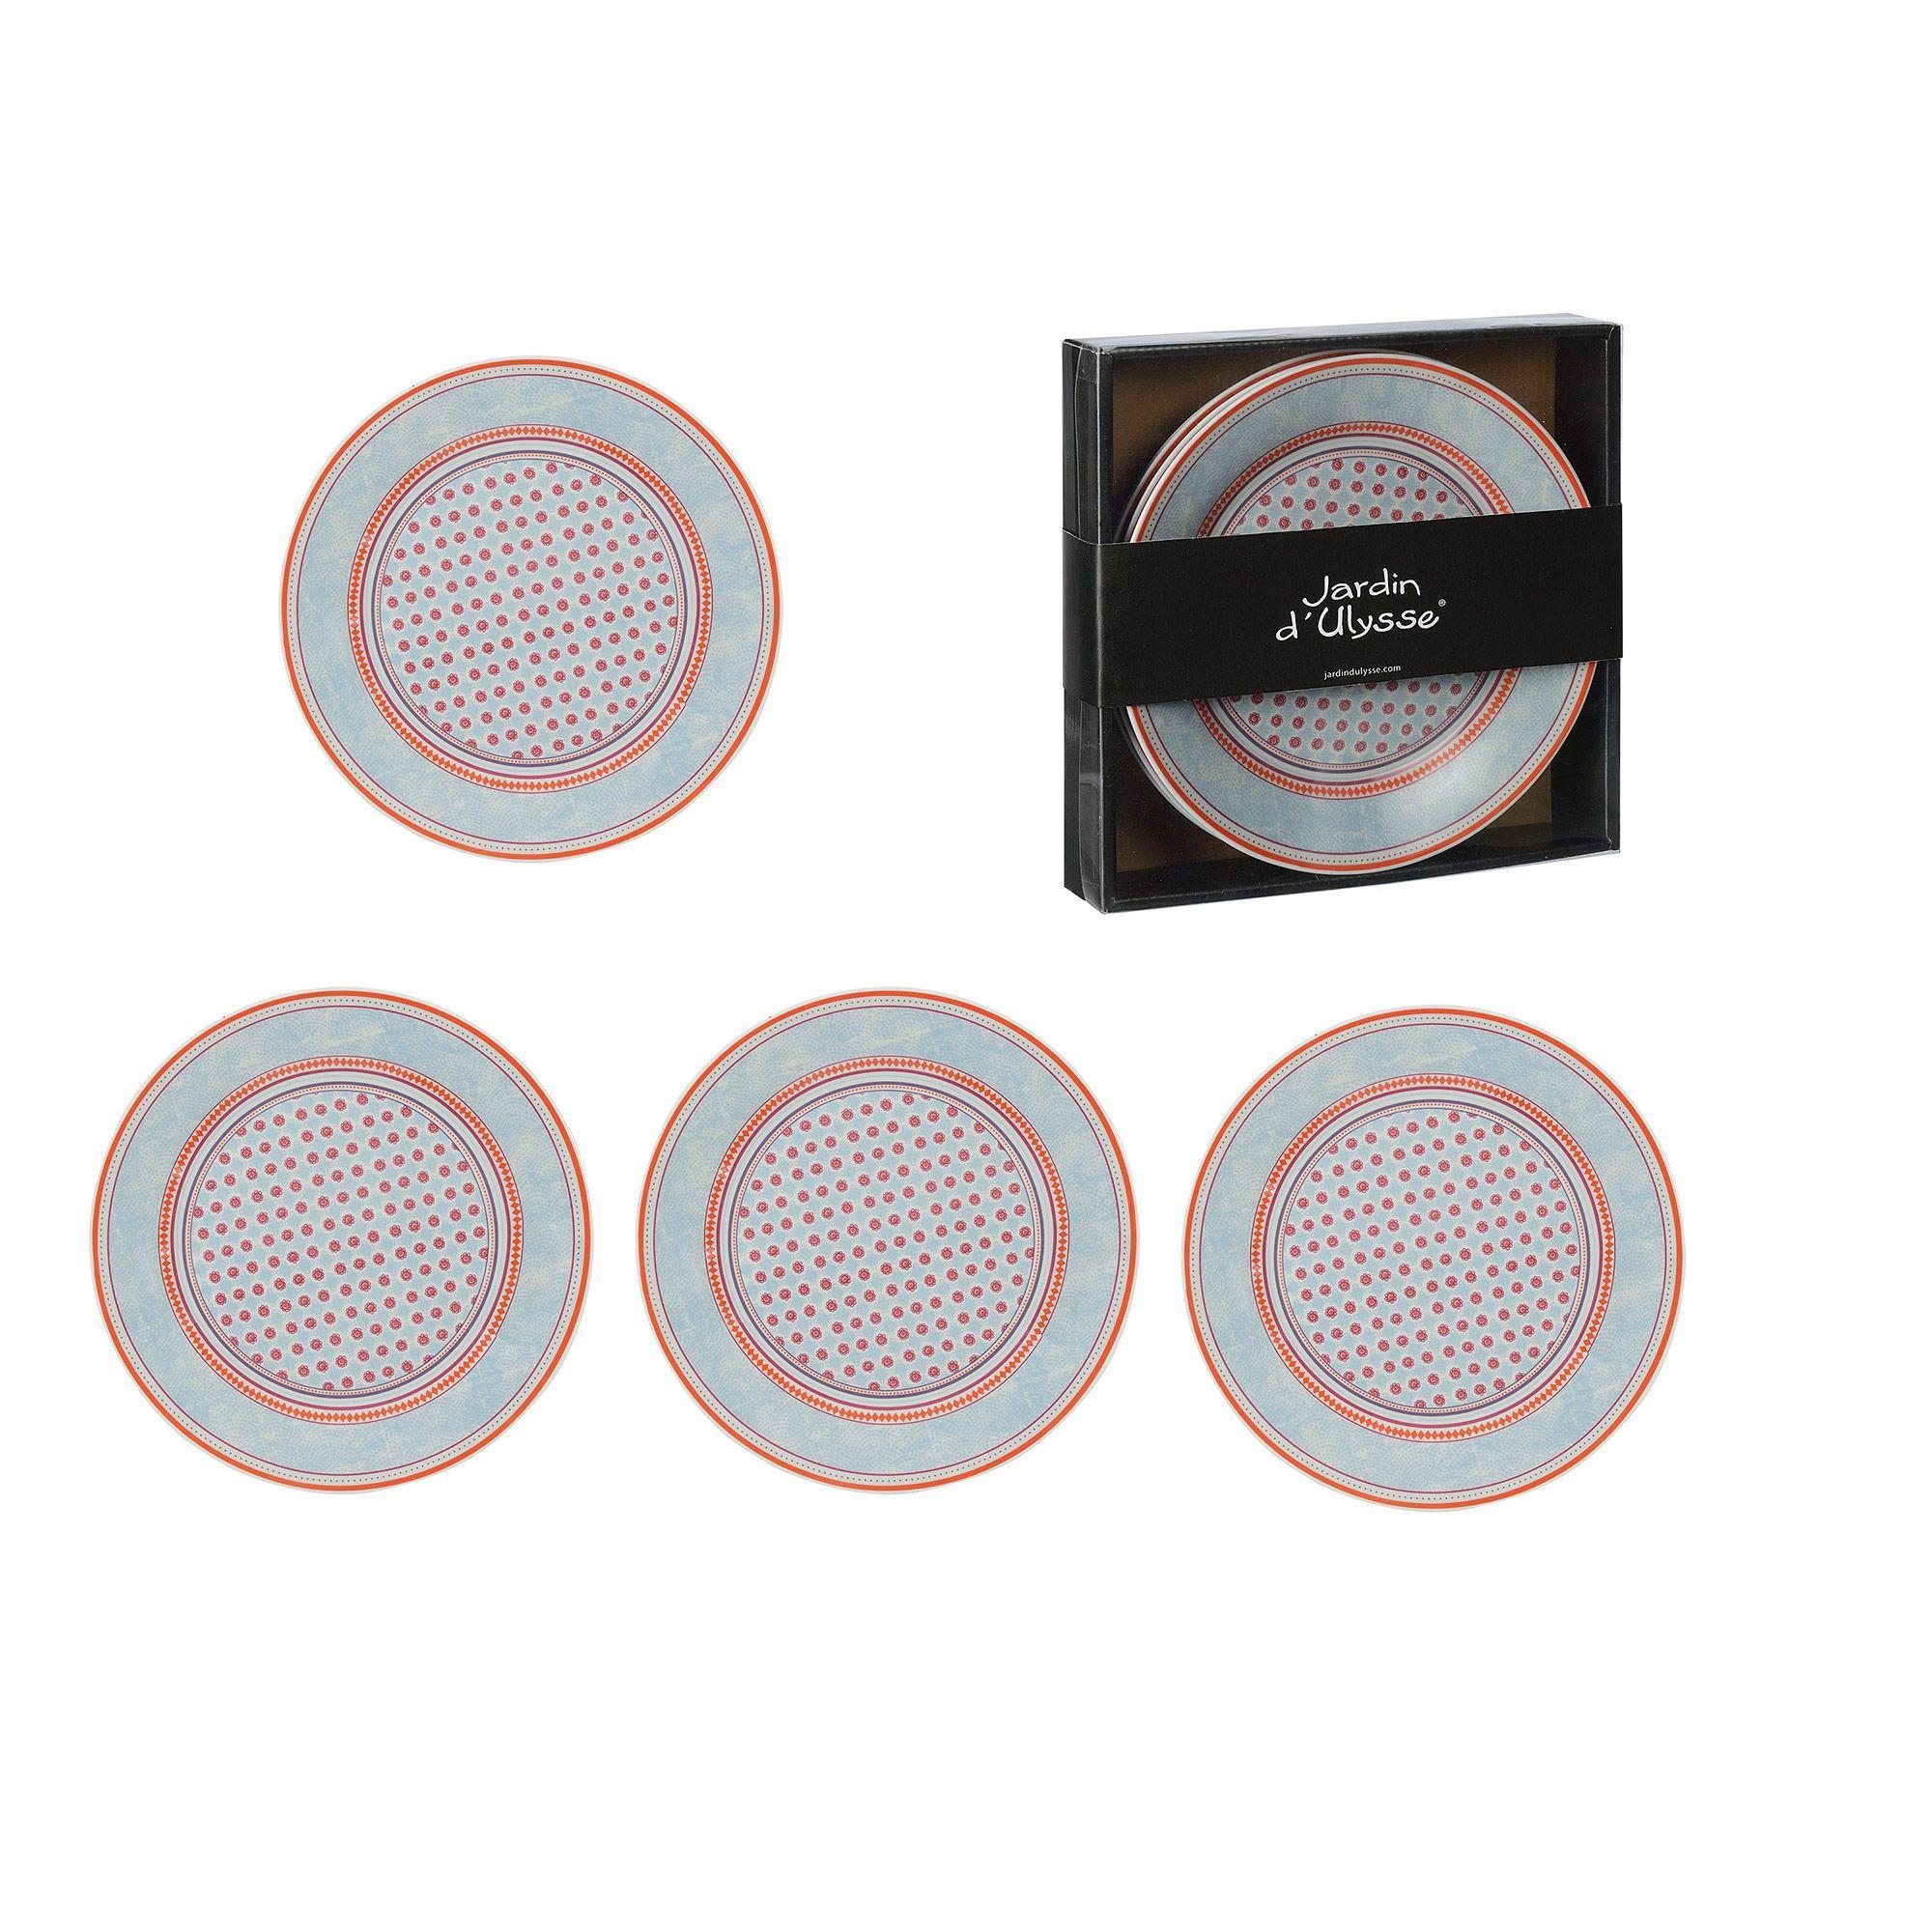 Assiette Plate En Porcelaine Multicolore D.22.8Cm Coffret De ... concernant Assiette Jardin D Ulysse